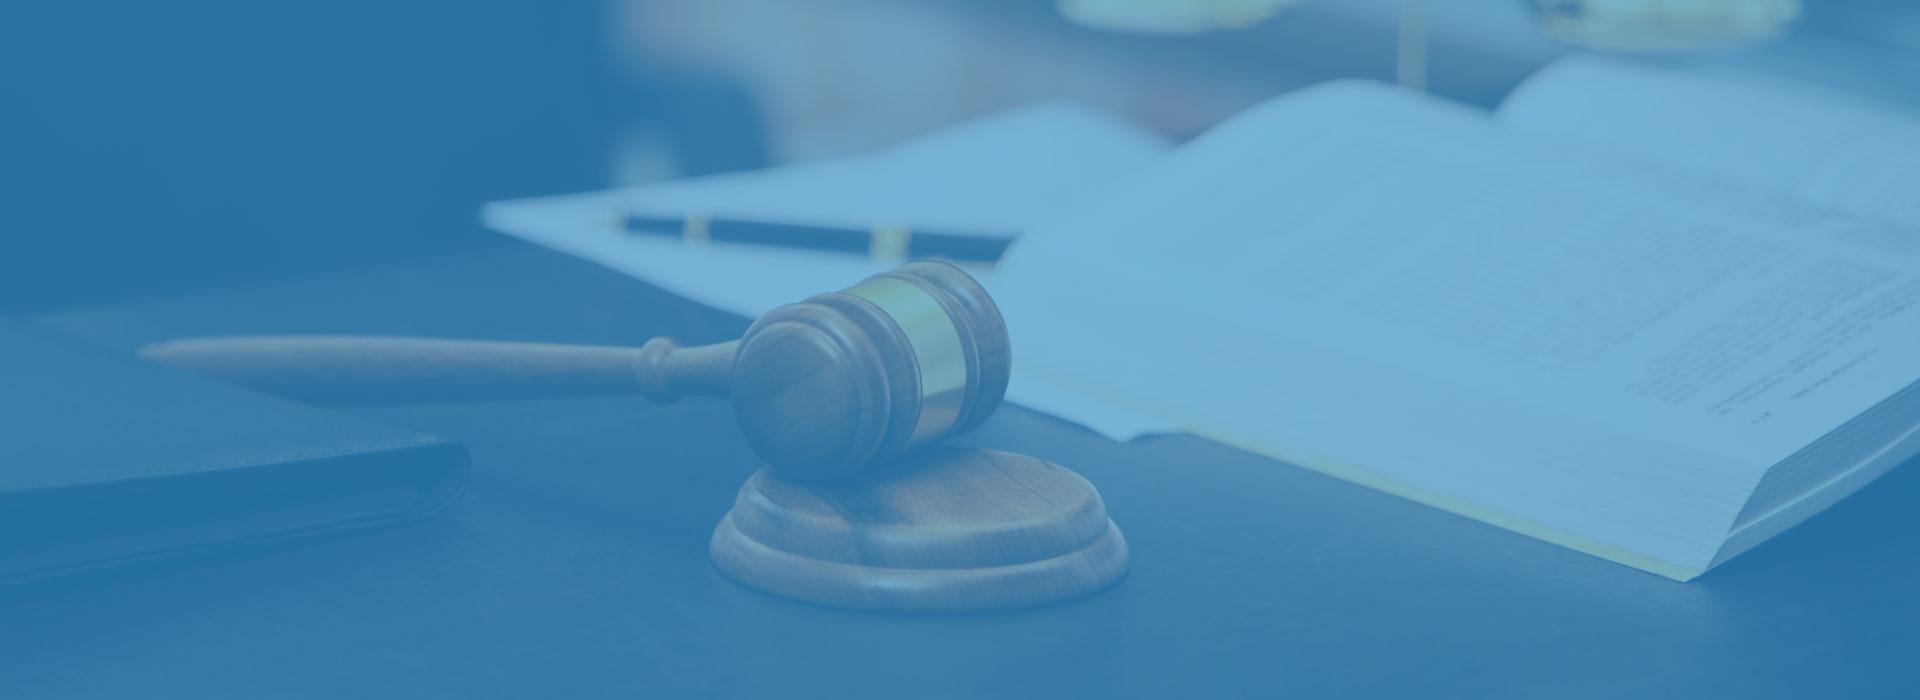 aide juridique gratuite